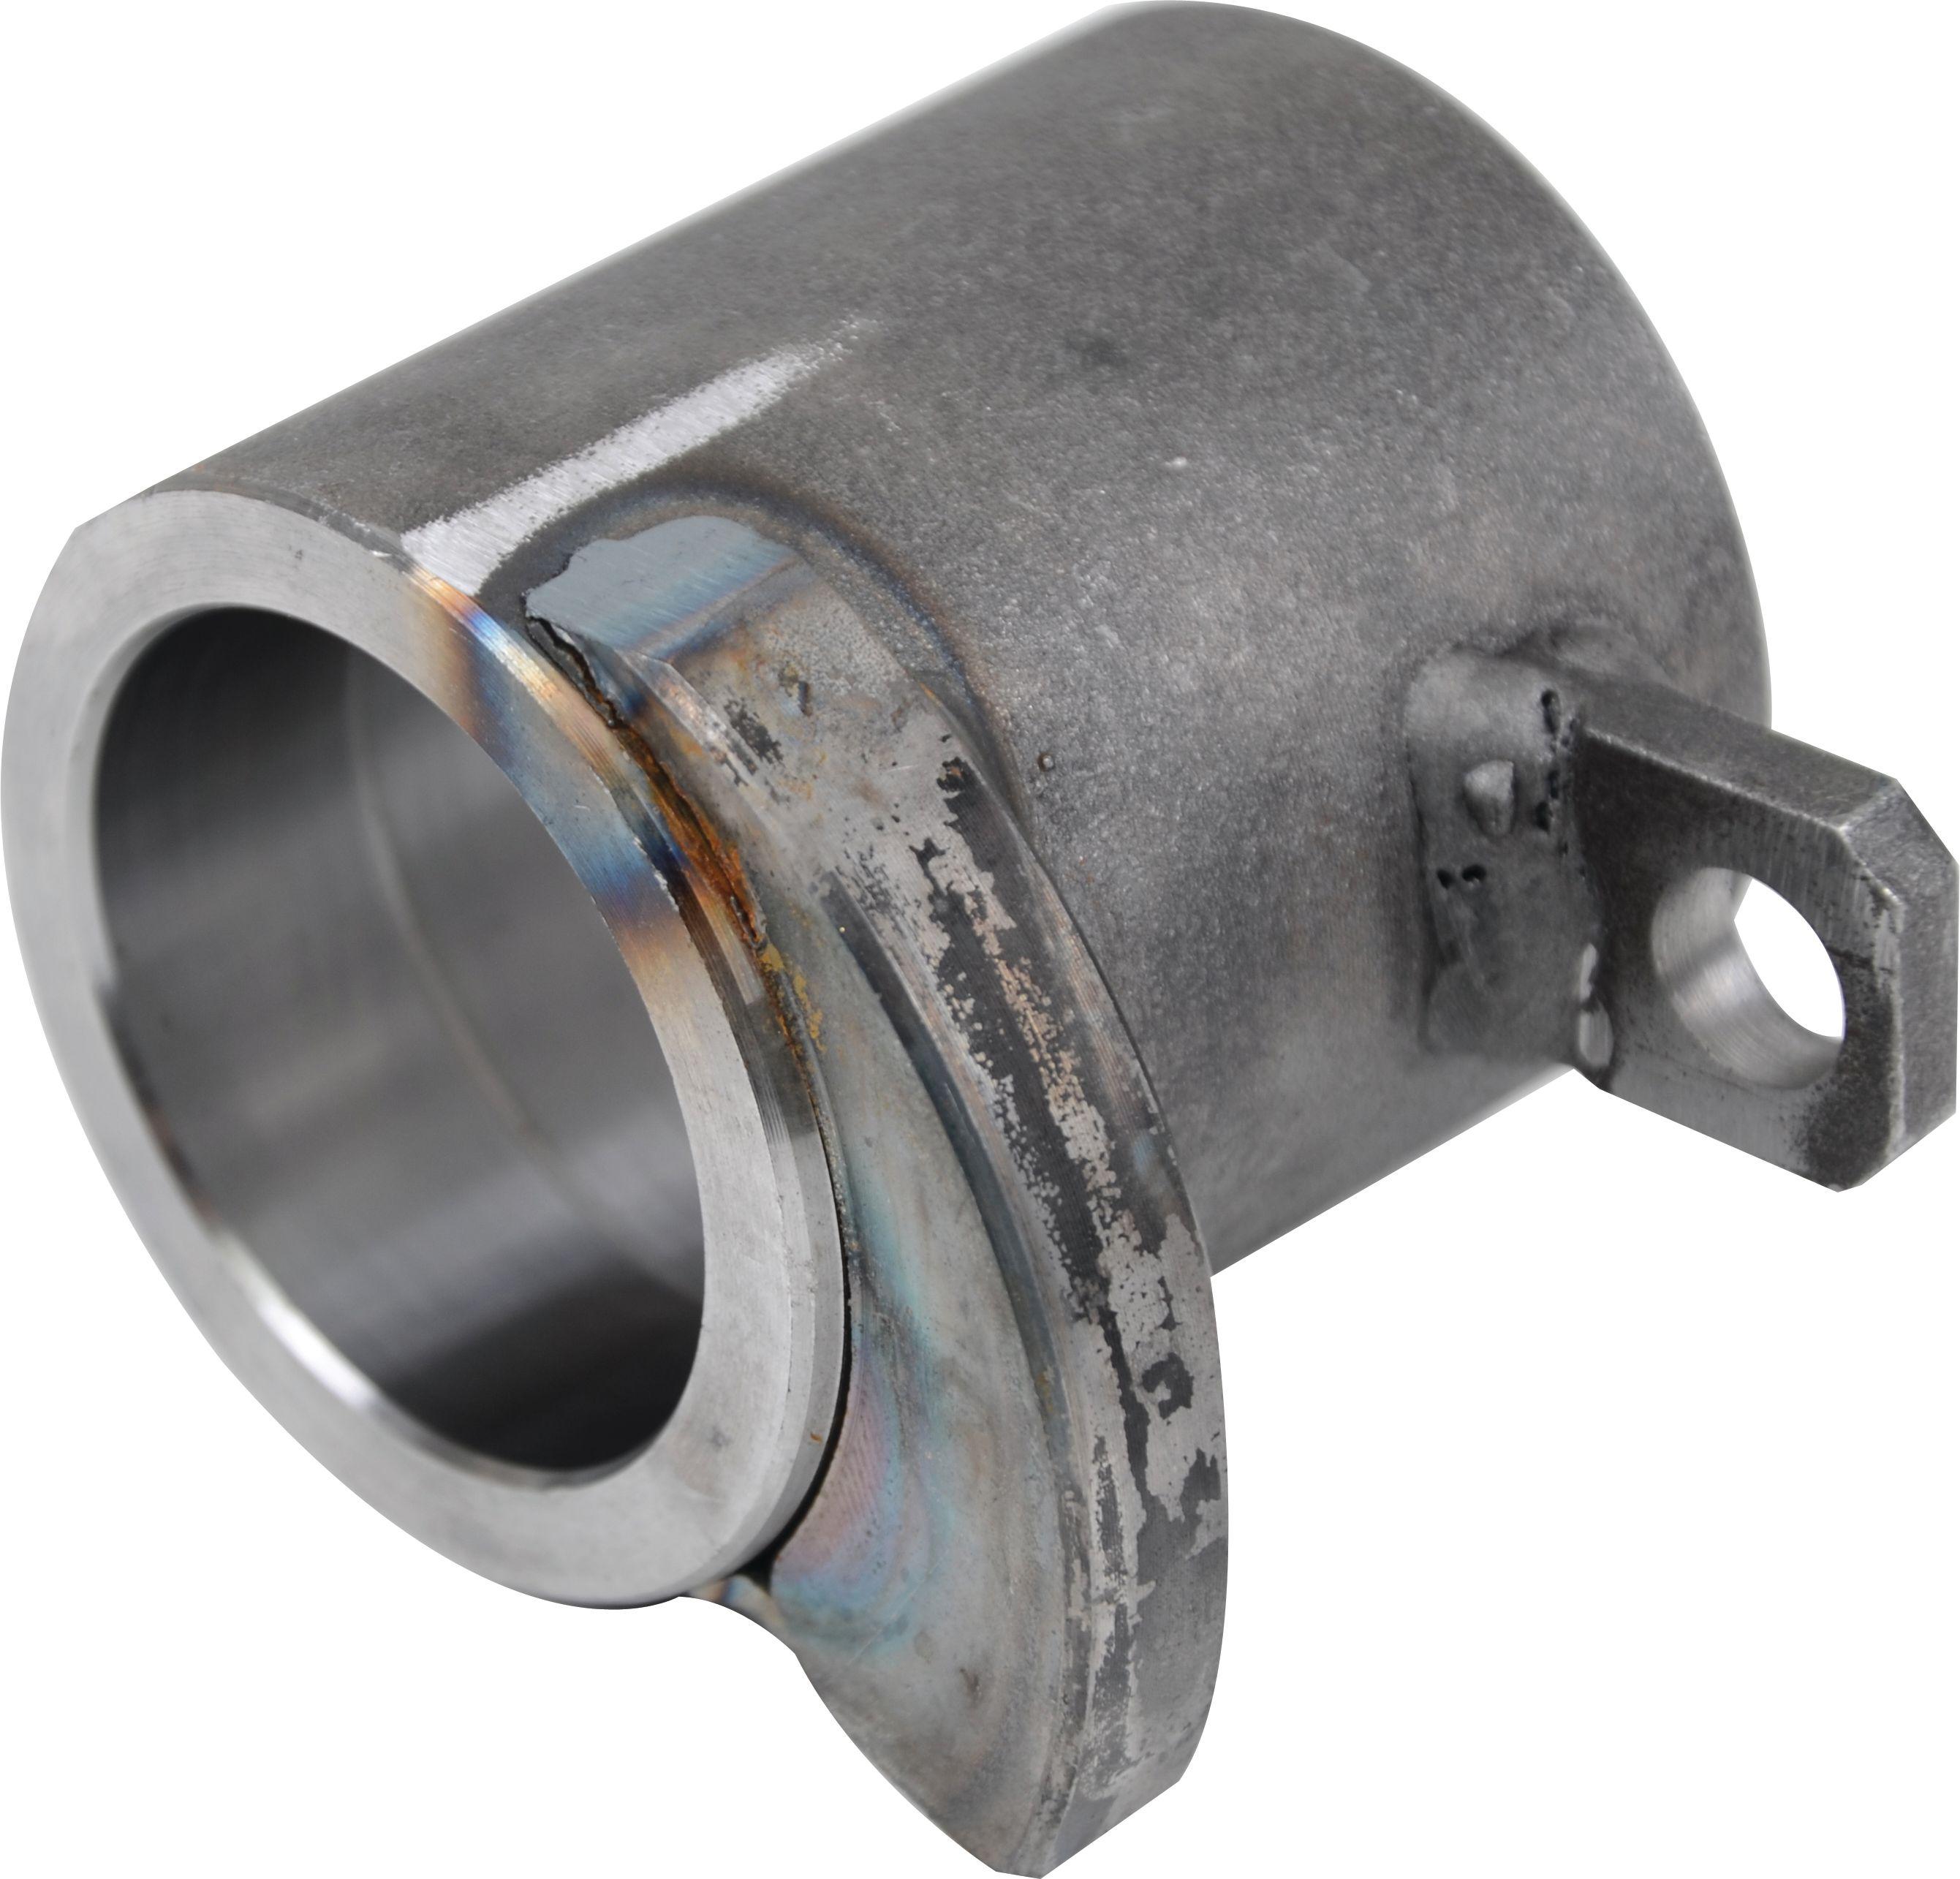 FIAT HYDRAULIC CROSS SHAFT RING 108413